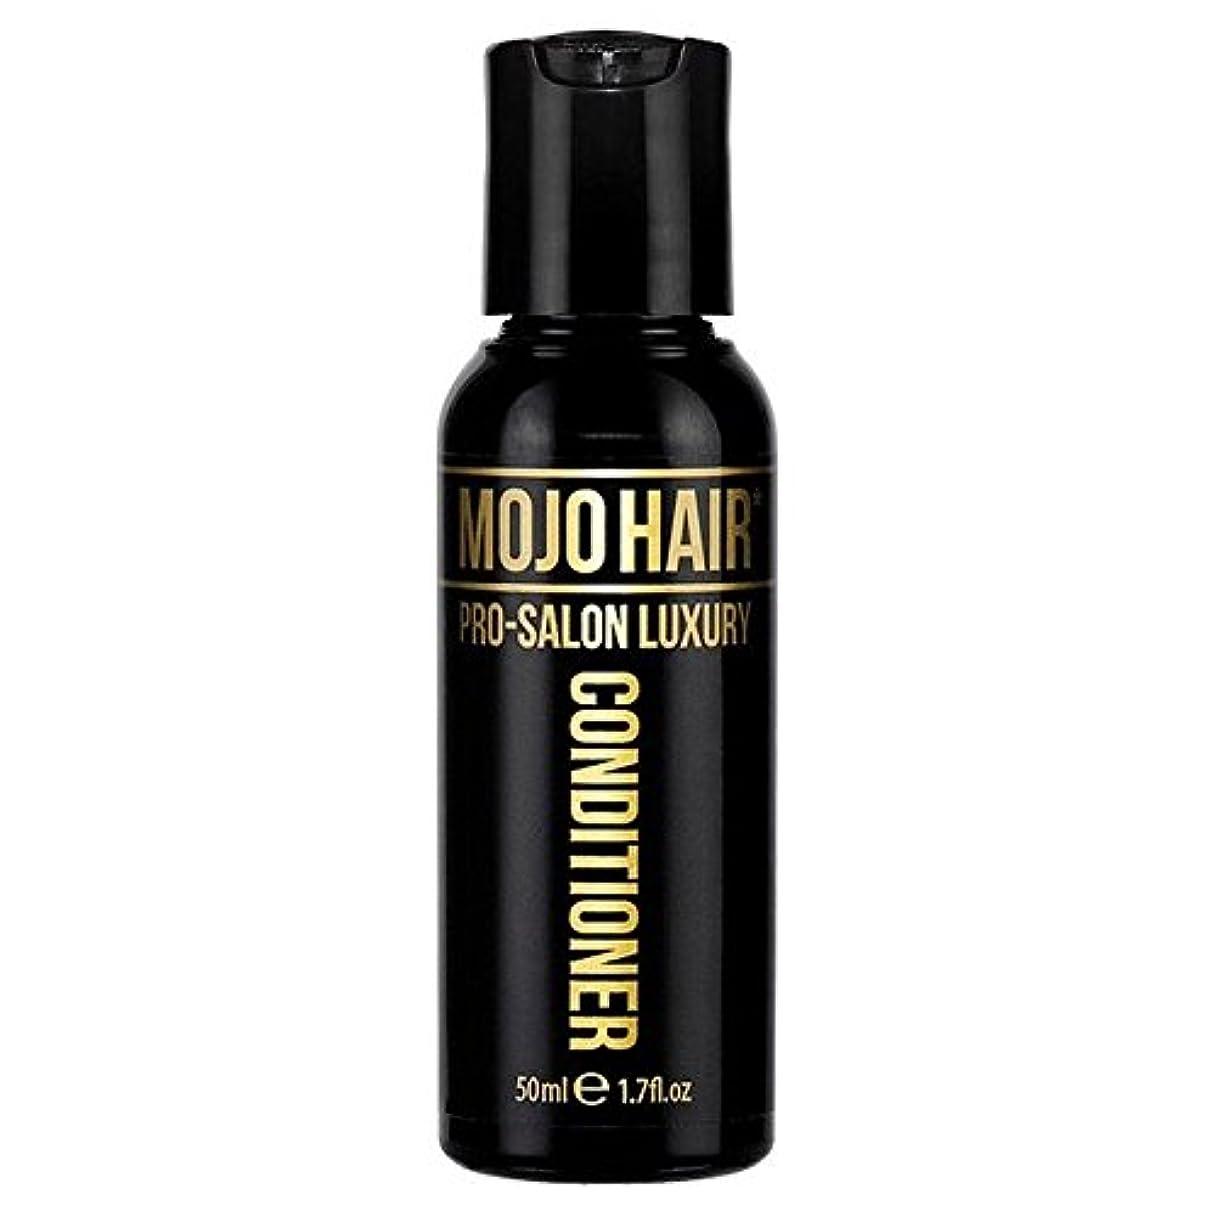 ほとんどないチョコレートハッチ男性のためのモジョの毛プロのサロンの贅沢な香りコンディショナー、トラベルサイズの50ミリリットル x4 - MOJO HAIR Pro-Salon Luxury Fragrance Conditioner for Men...